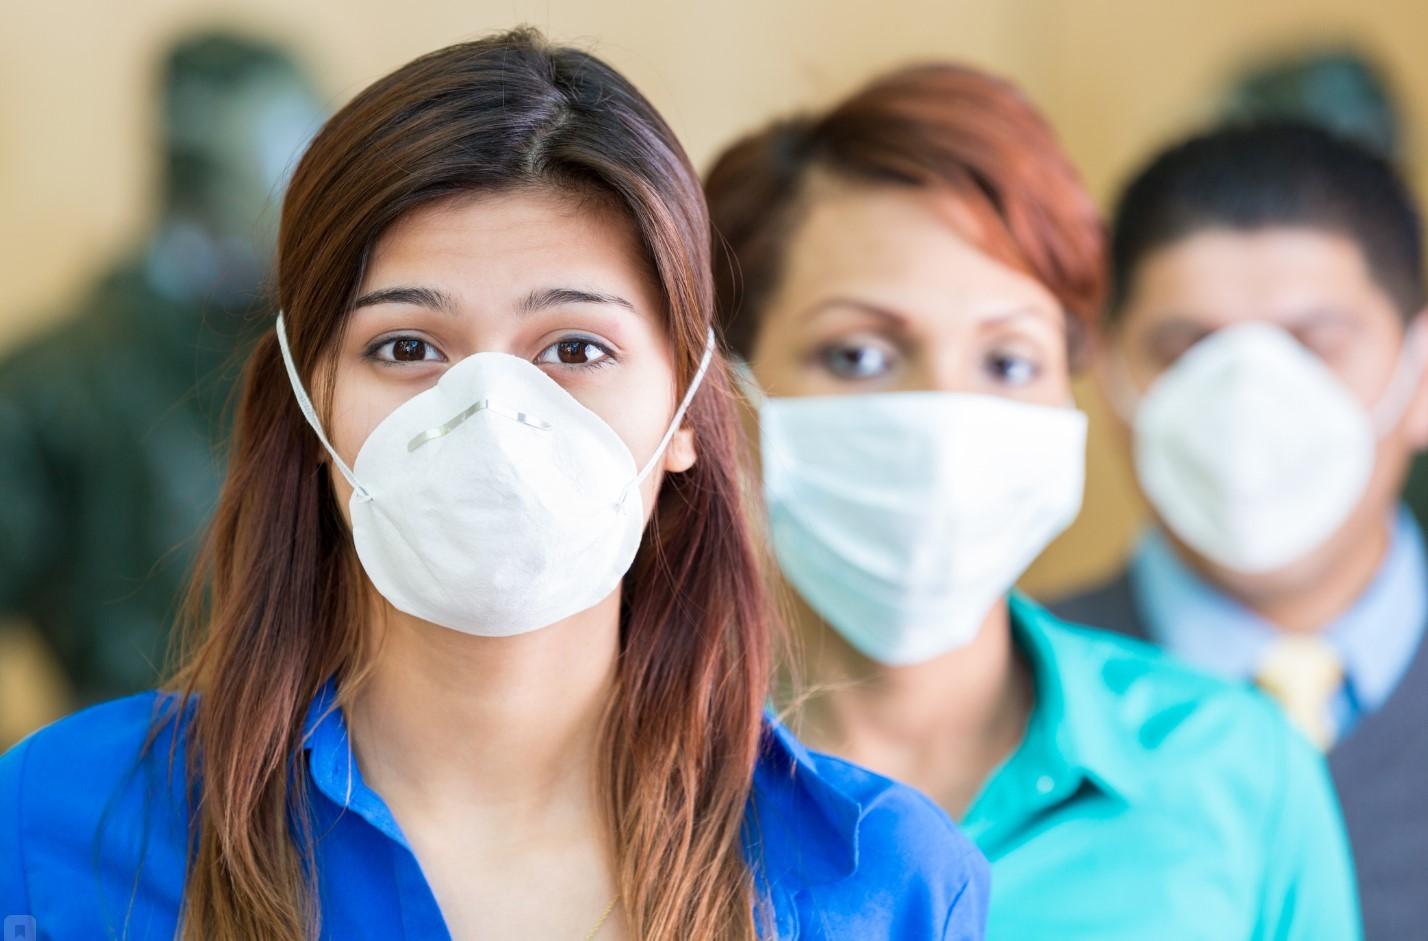 Почему ношение маски вызывает дискомфорт?